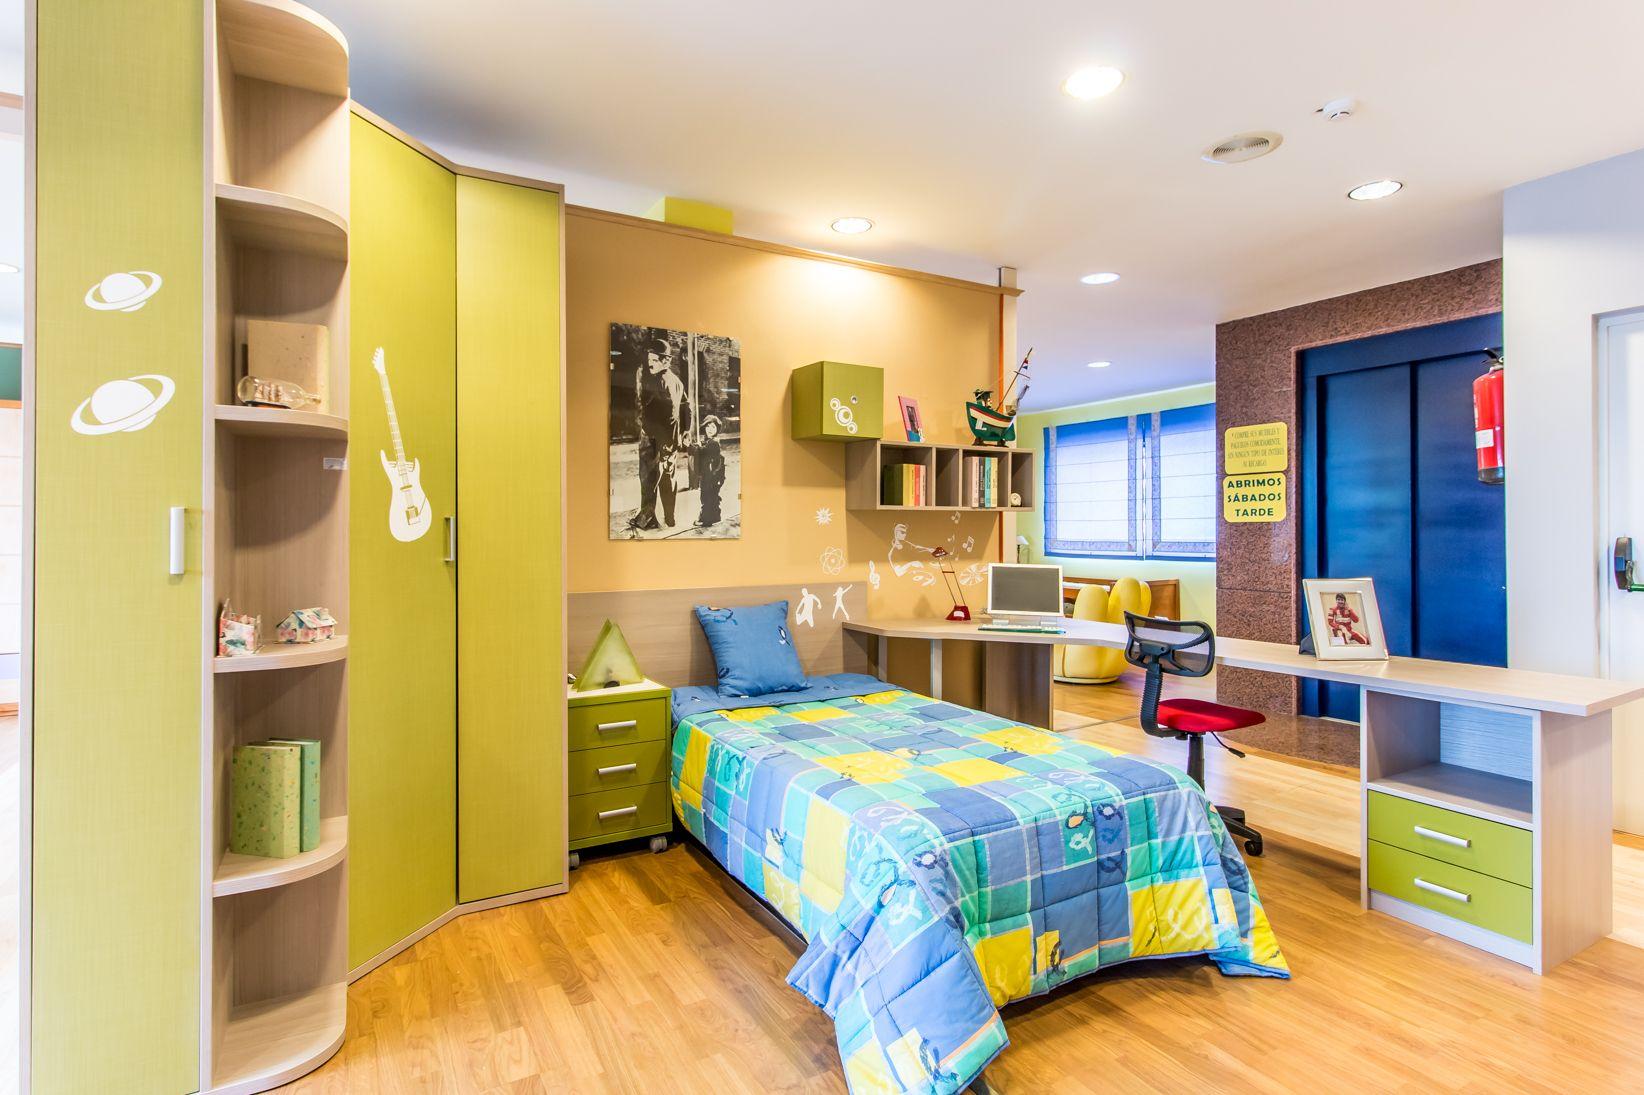 Dormitorios juveniles en Muebles Vilu